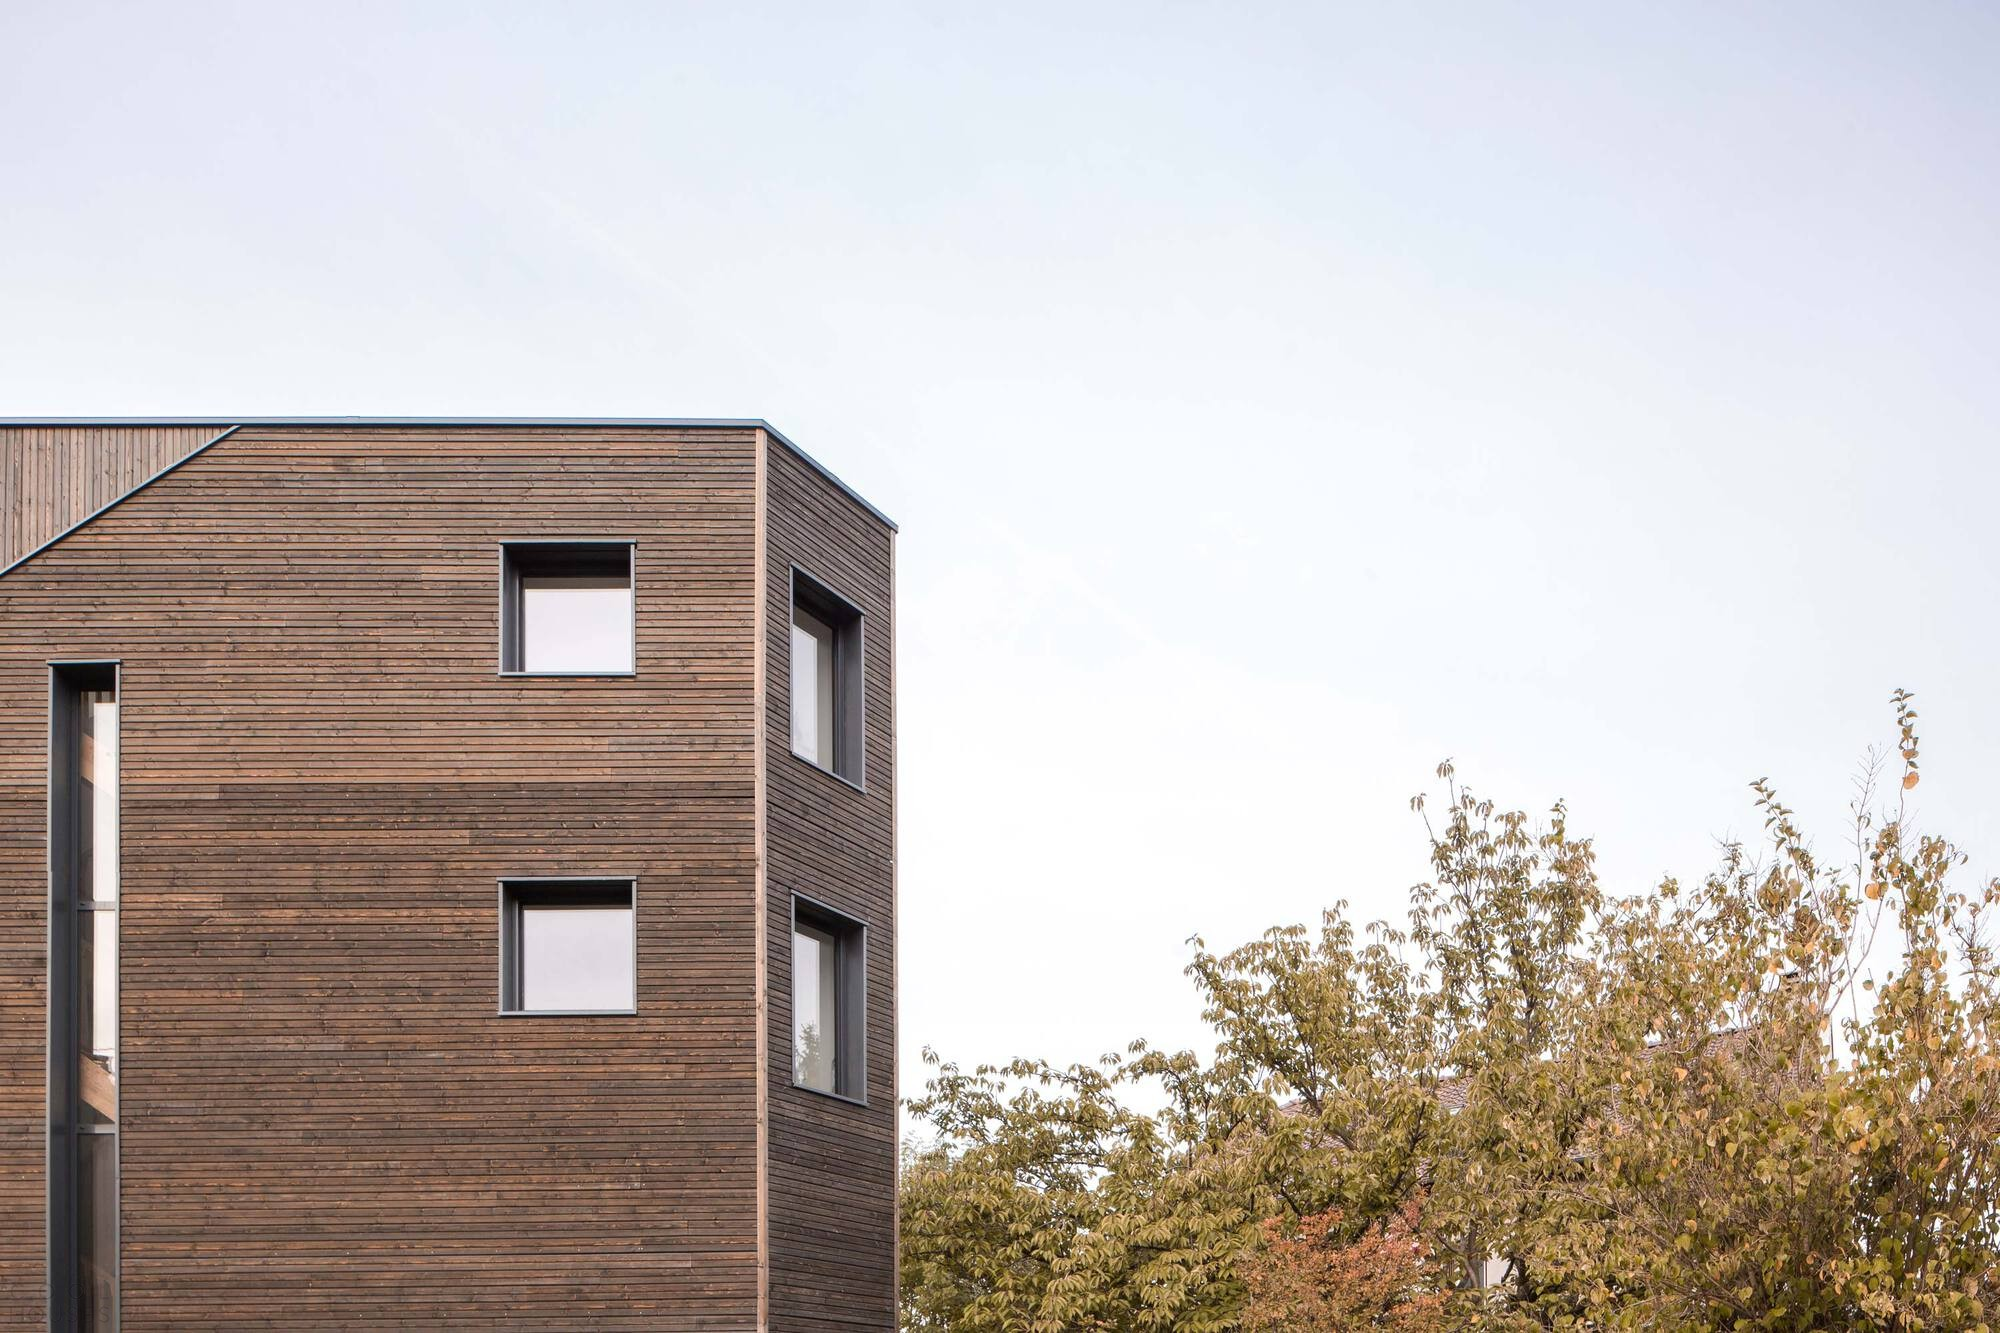 Семейный дом призматической формы с оптимальными характеристиками